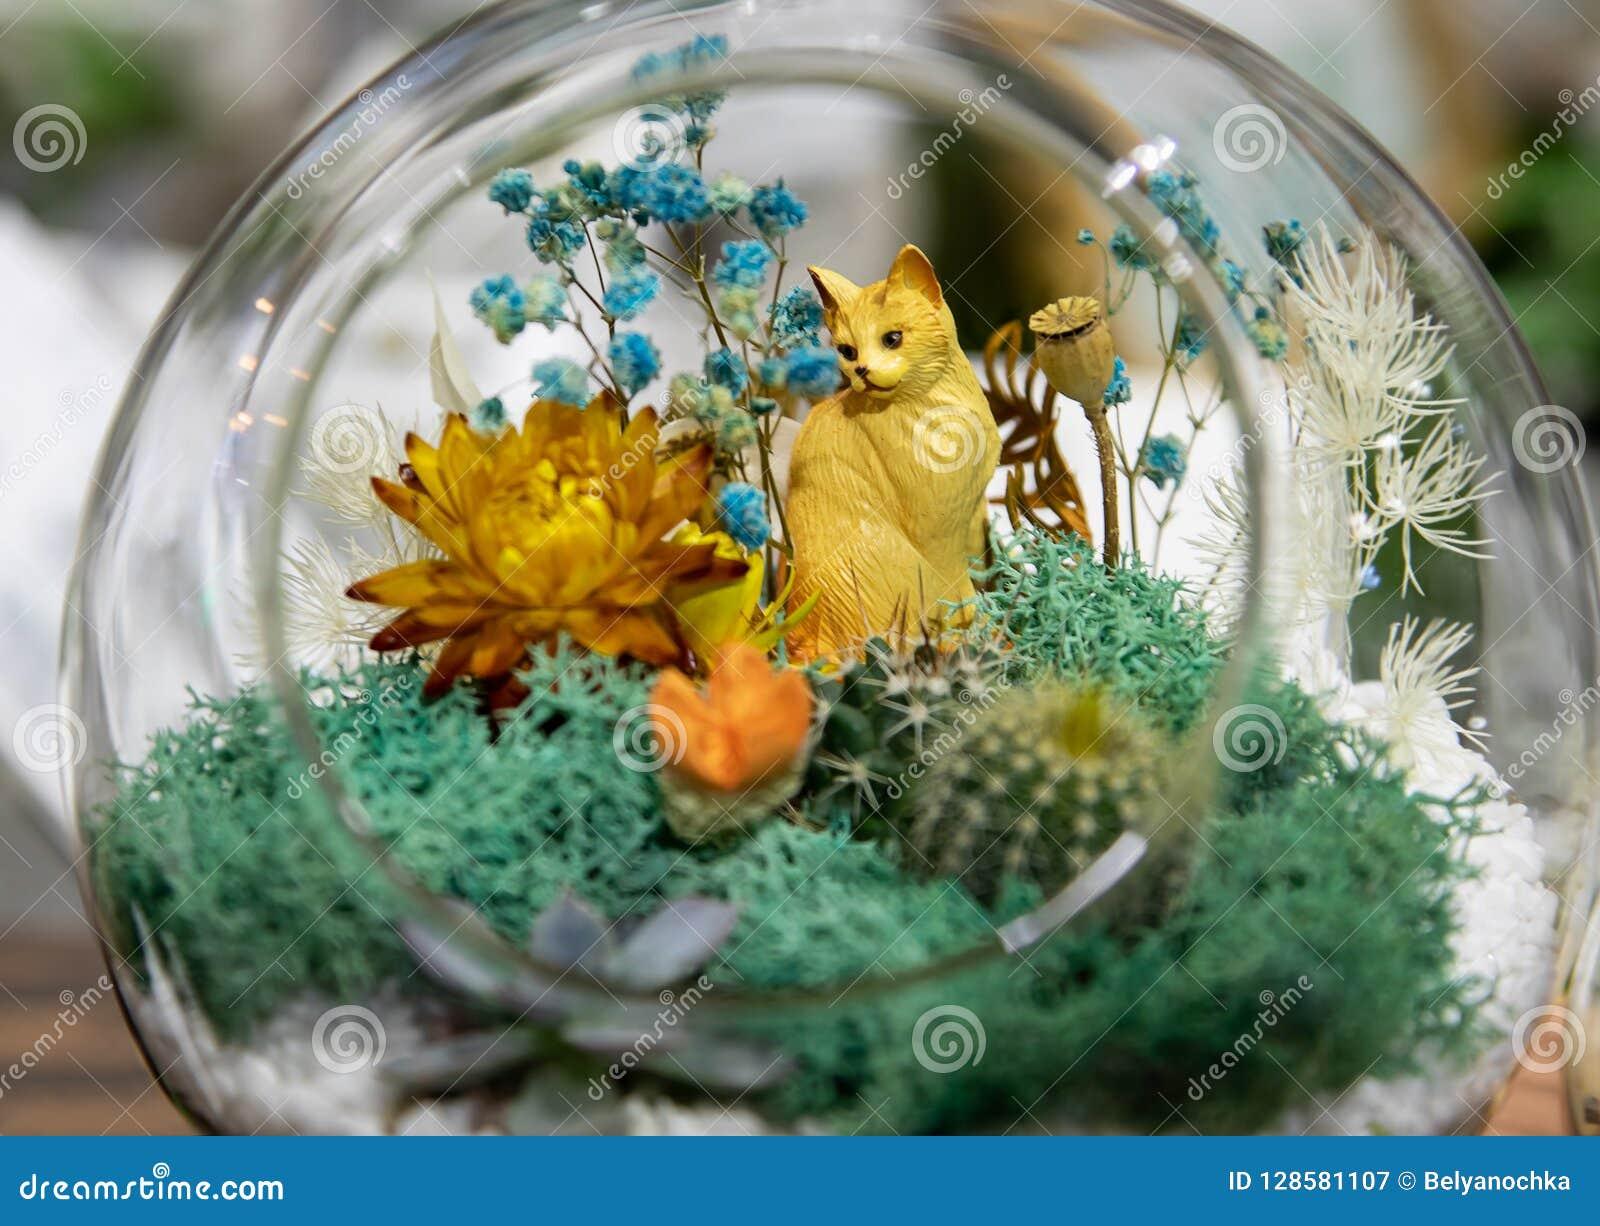 Small Cactus Succulents In Glass Terrarium Stock Image Image Of